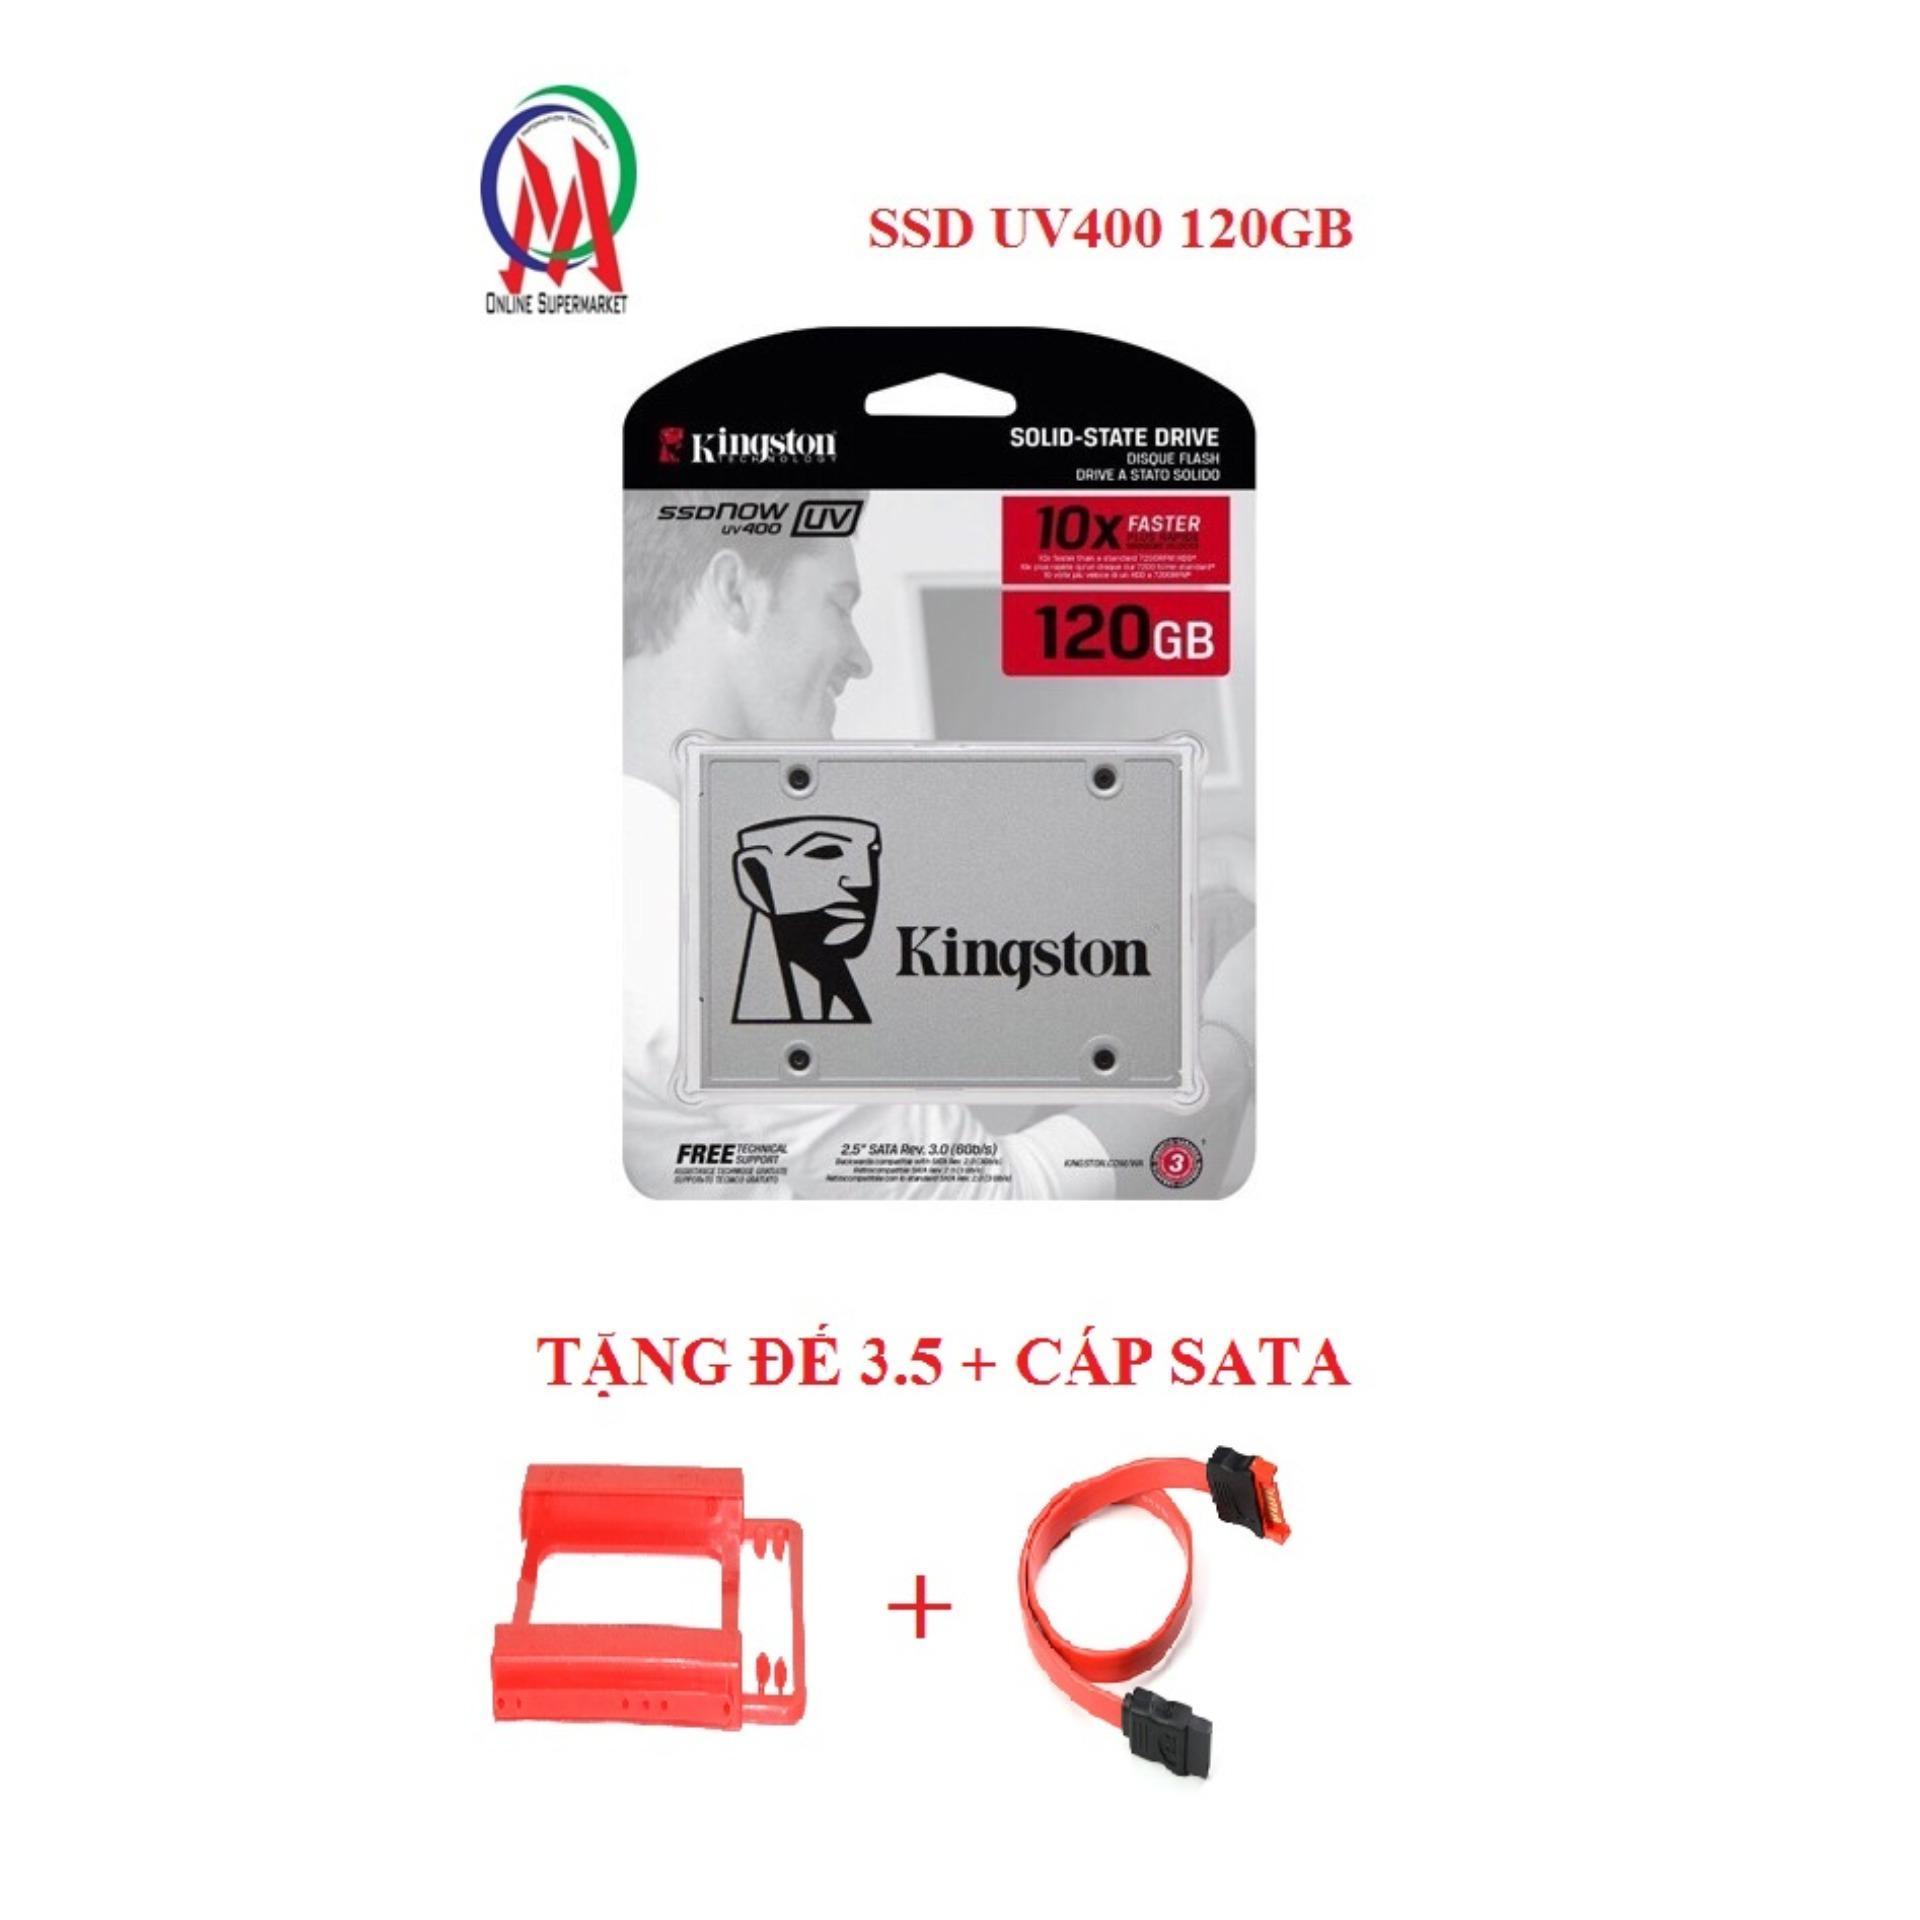 Hình ảnh SSD Kington UV400 120GB cty Bh 36T tặng đế 3.5 + Cáp Sata